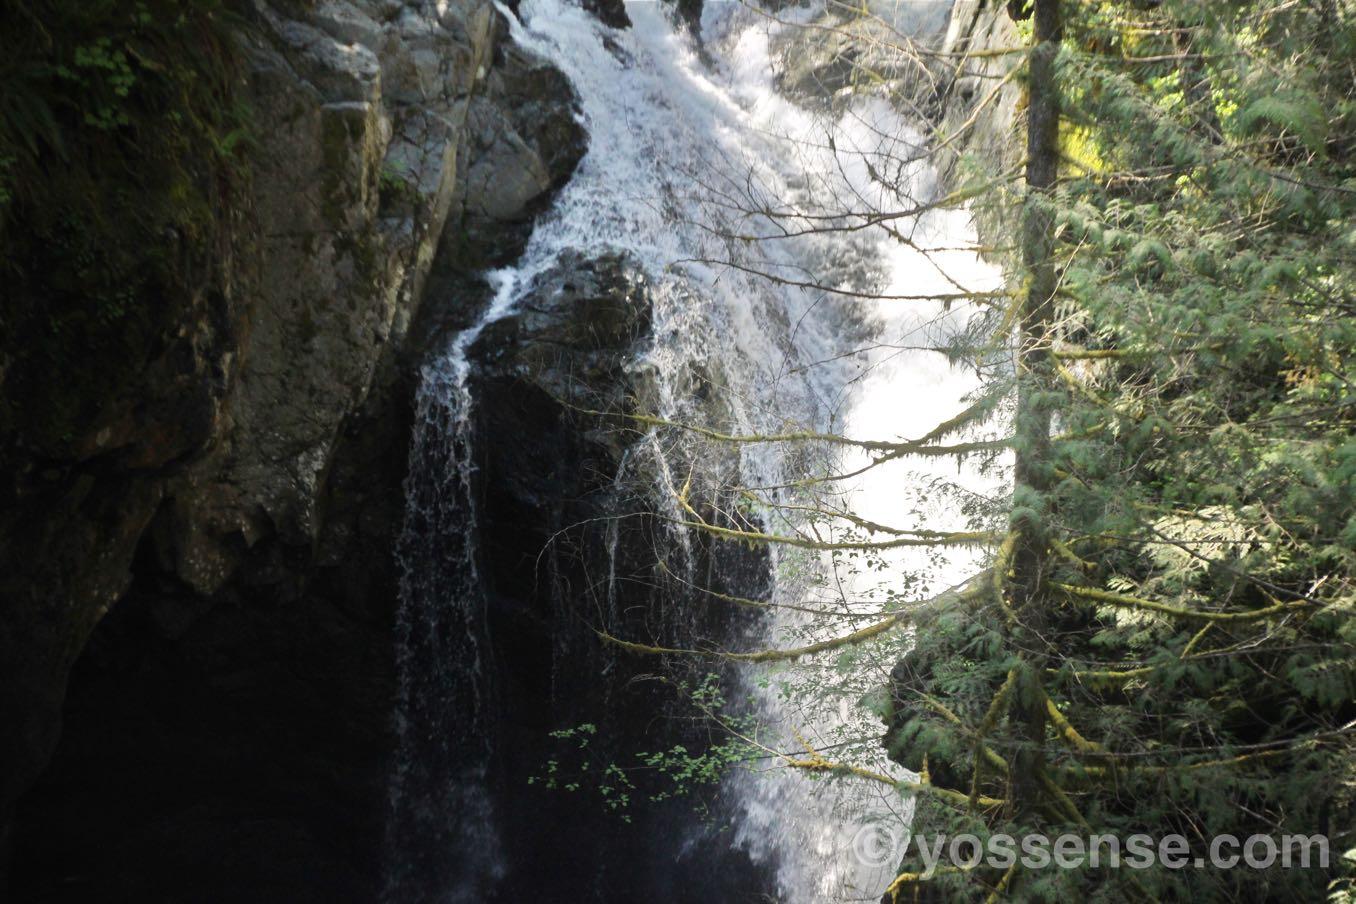 吊橋から滝を見る